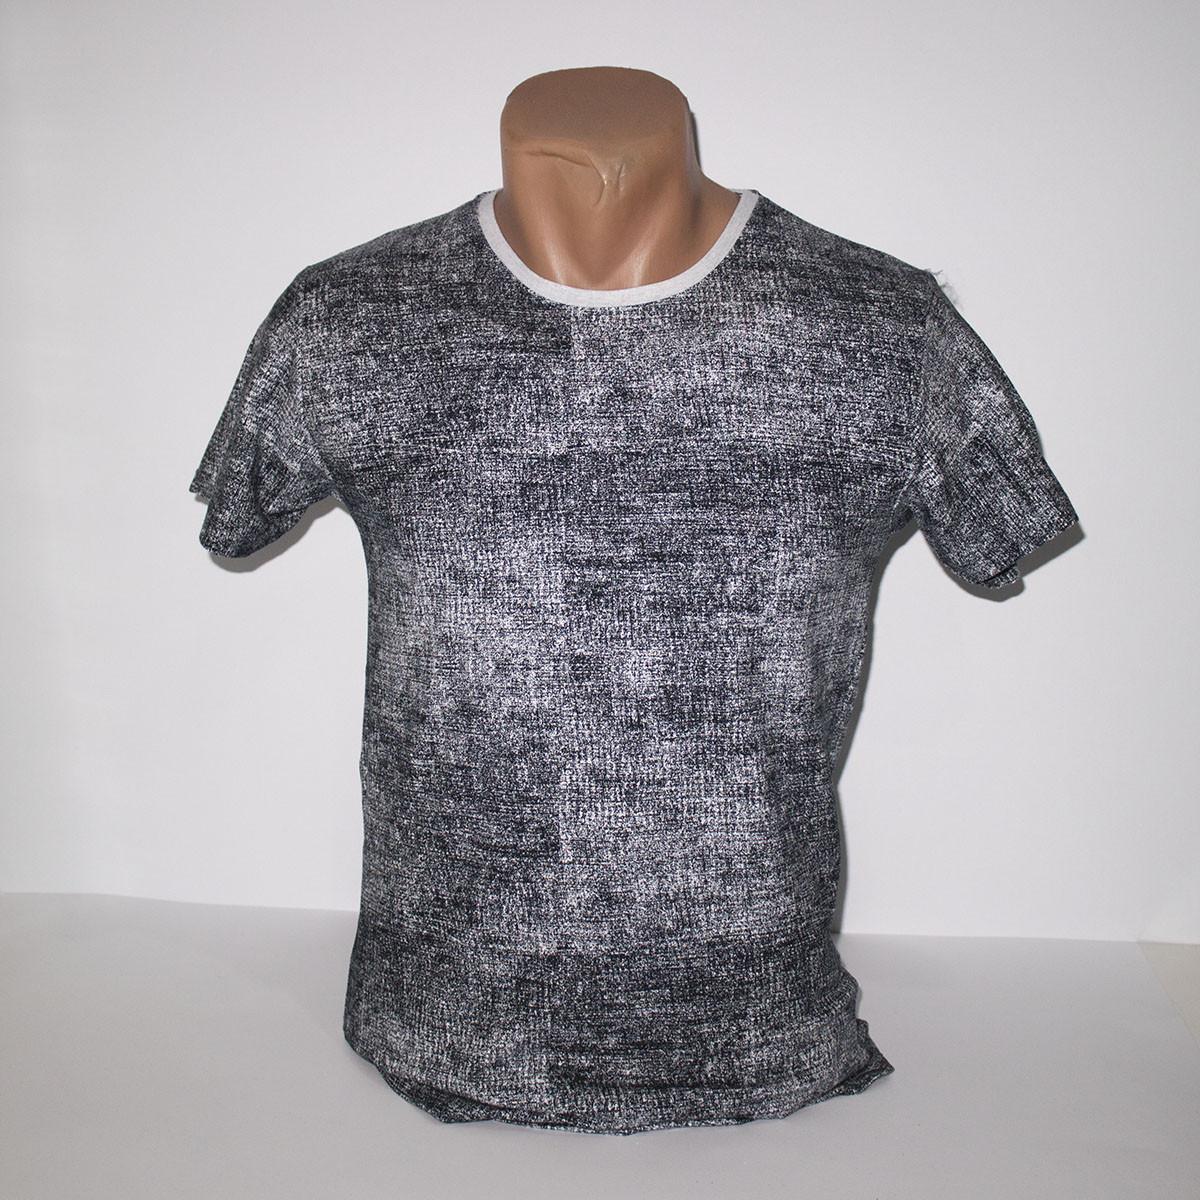 Мужская серая футболка Лайкра пр-во Турция N2989